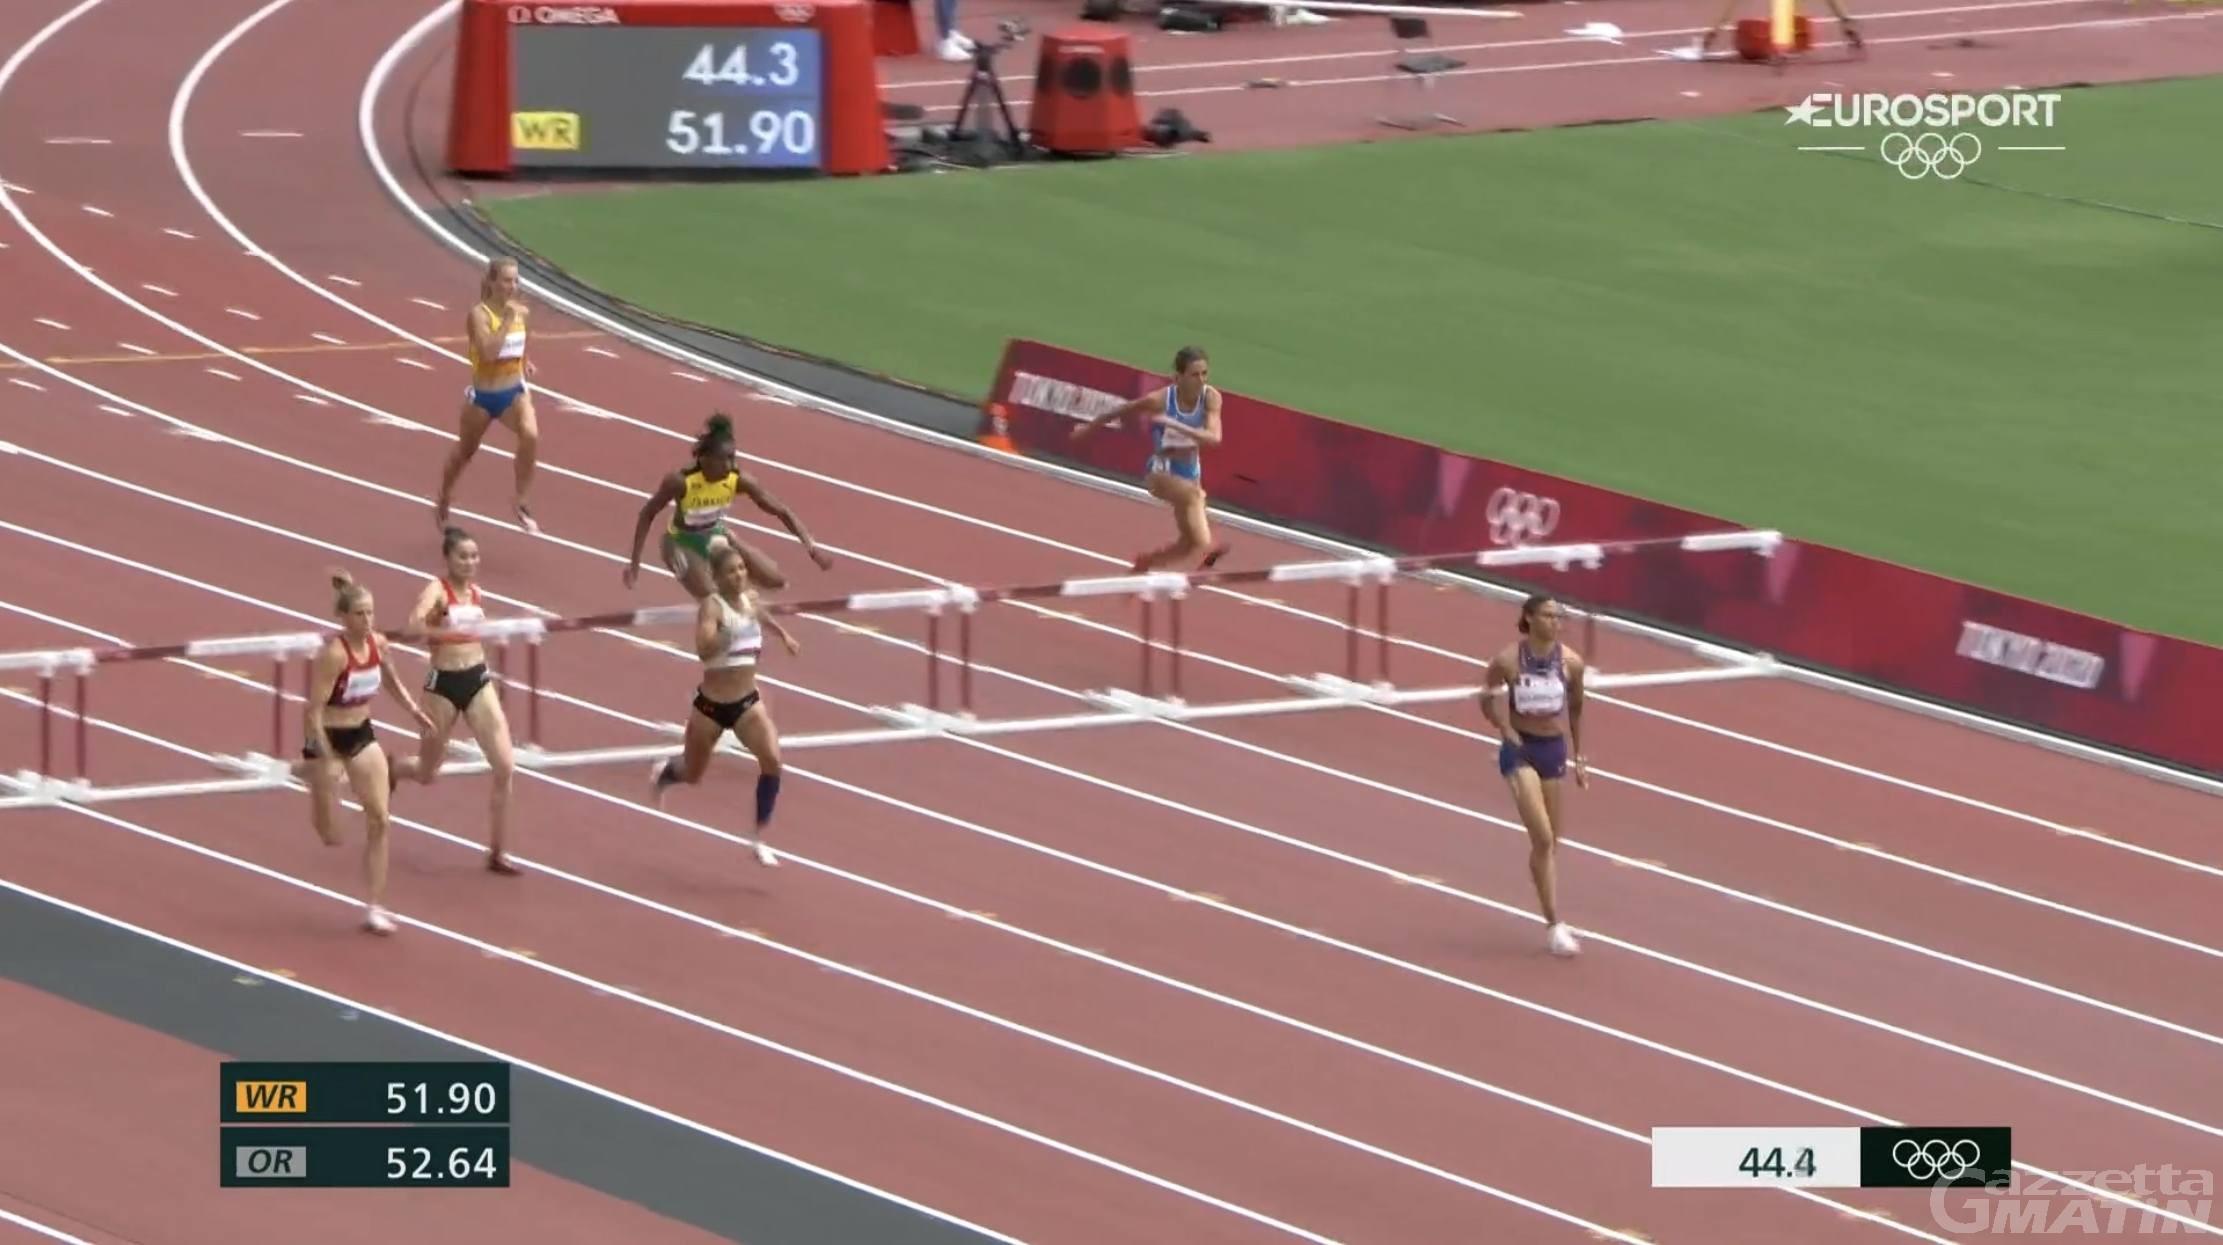 Olimpiadi: Eleonora Marchiando eliminata nelle batterie dei 400 ostacoli